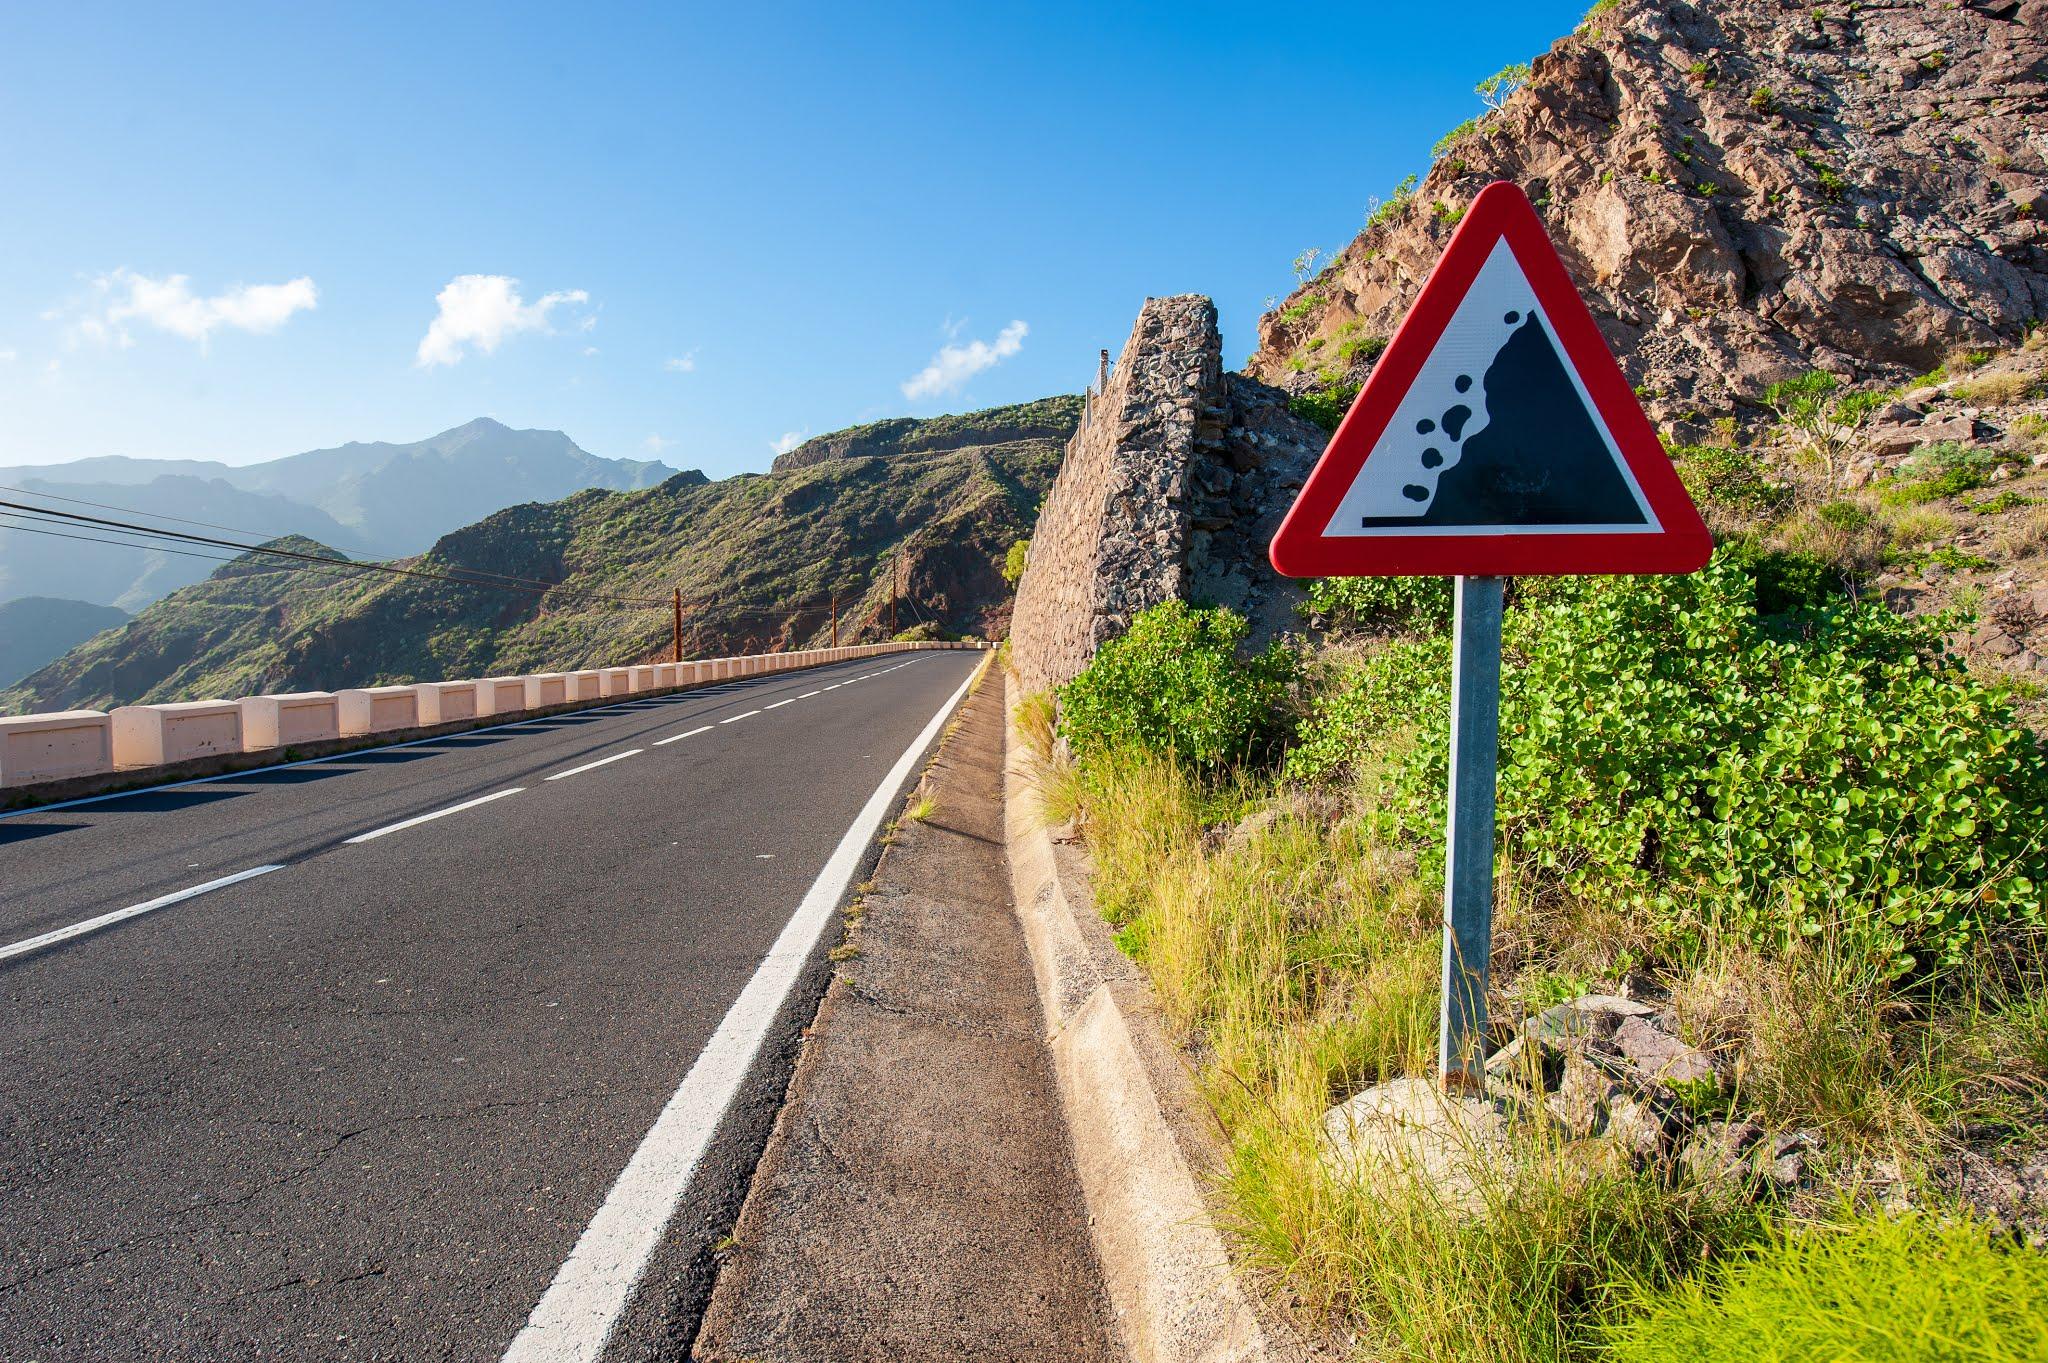 Jak wybrać rozwiązania, które poprawią bezpieczeństwo na drodze?